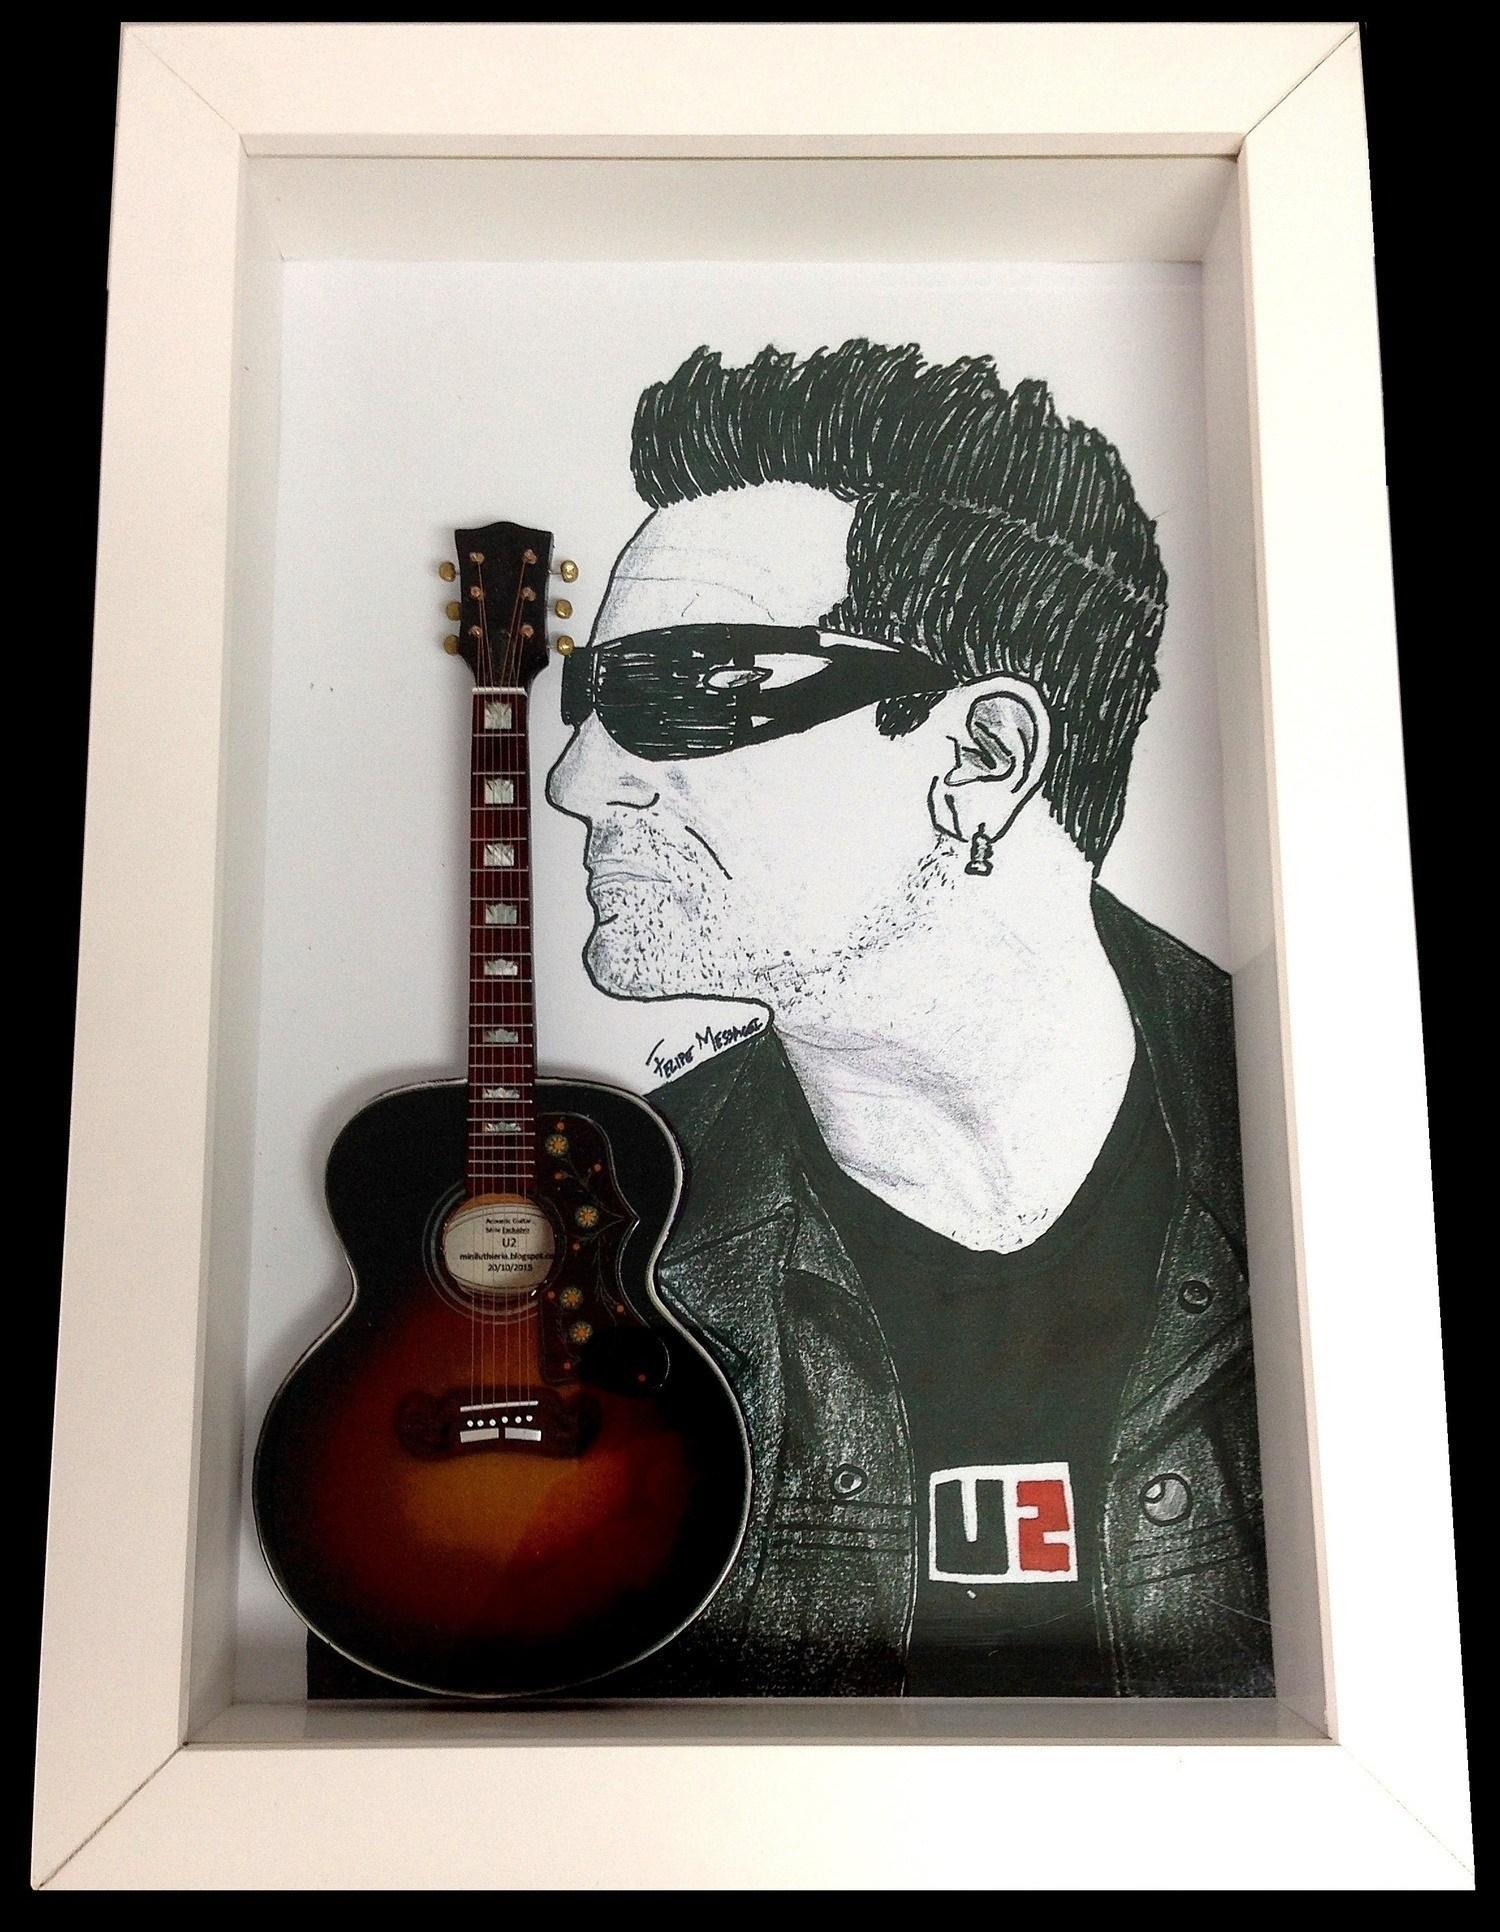 Miniatura Instrumento Musical Violão  U2 Bono Vox com quadro